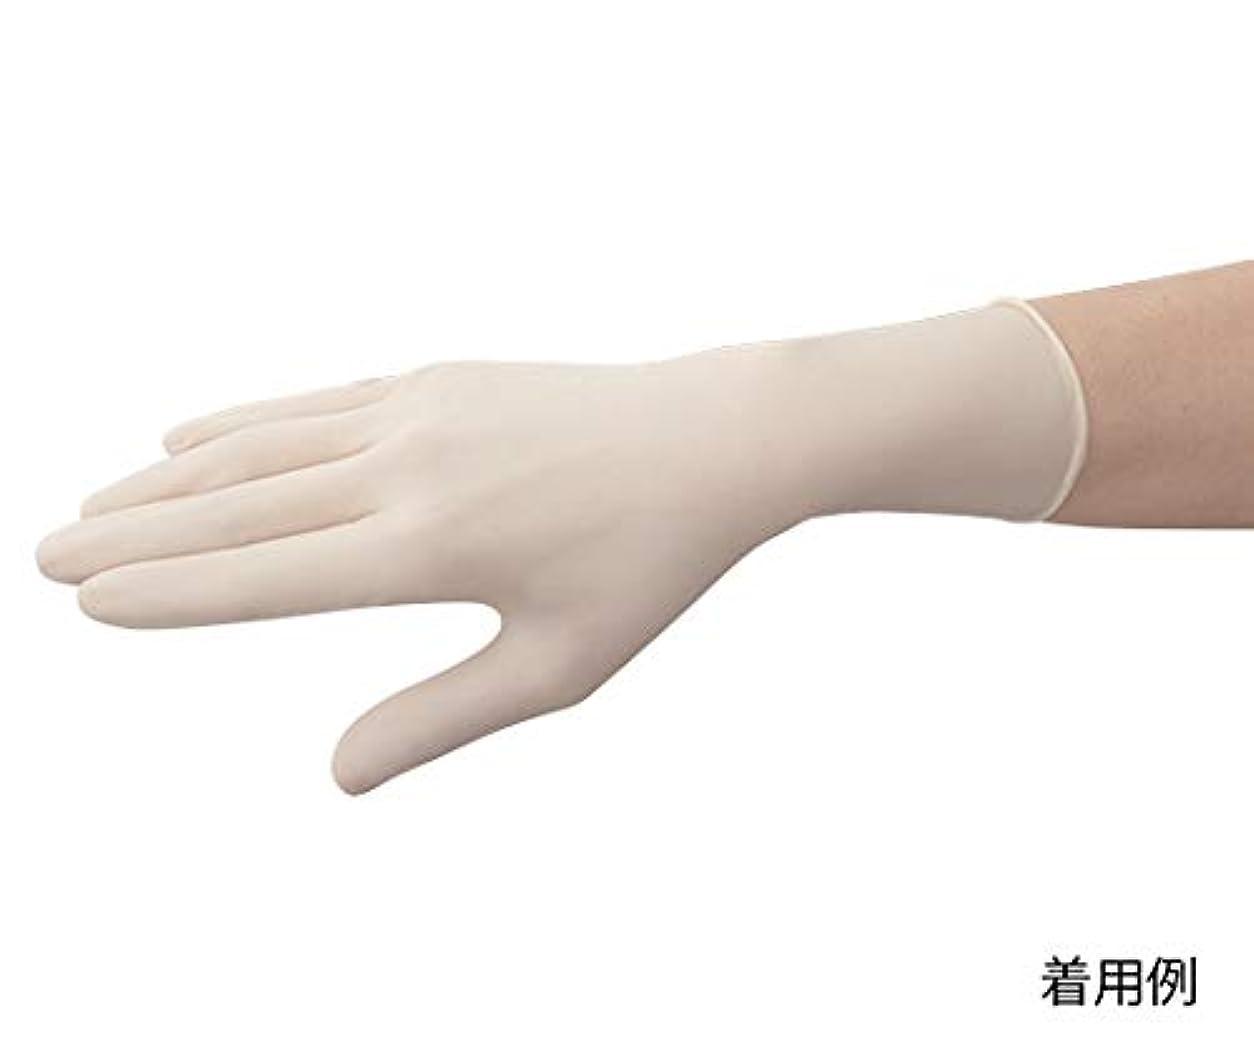 モンキー多年生尊敬する東レ?メディカル 手術用手袋メディグリップ パウダーフリー50双 8160MG